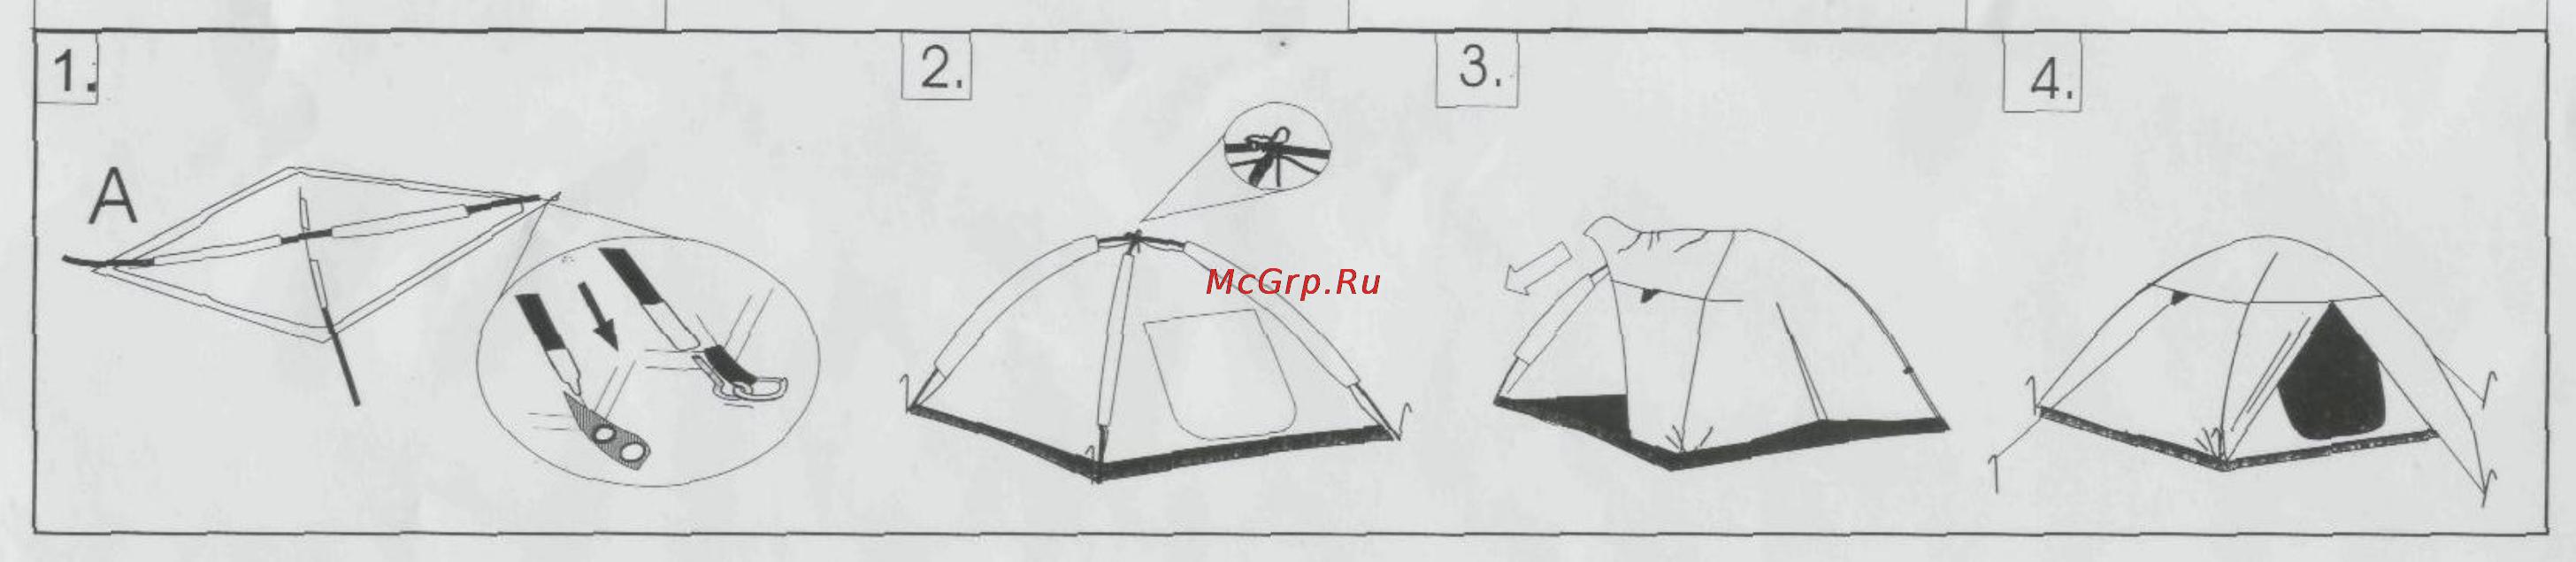 Как собрать палатку в круглый чехол? видео как сложить палатку в круглый чехол онлайн